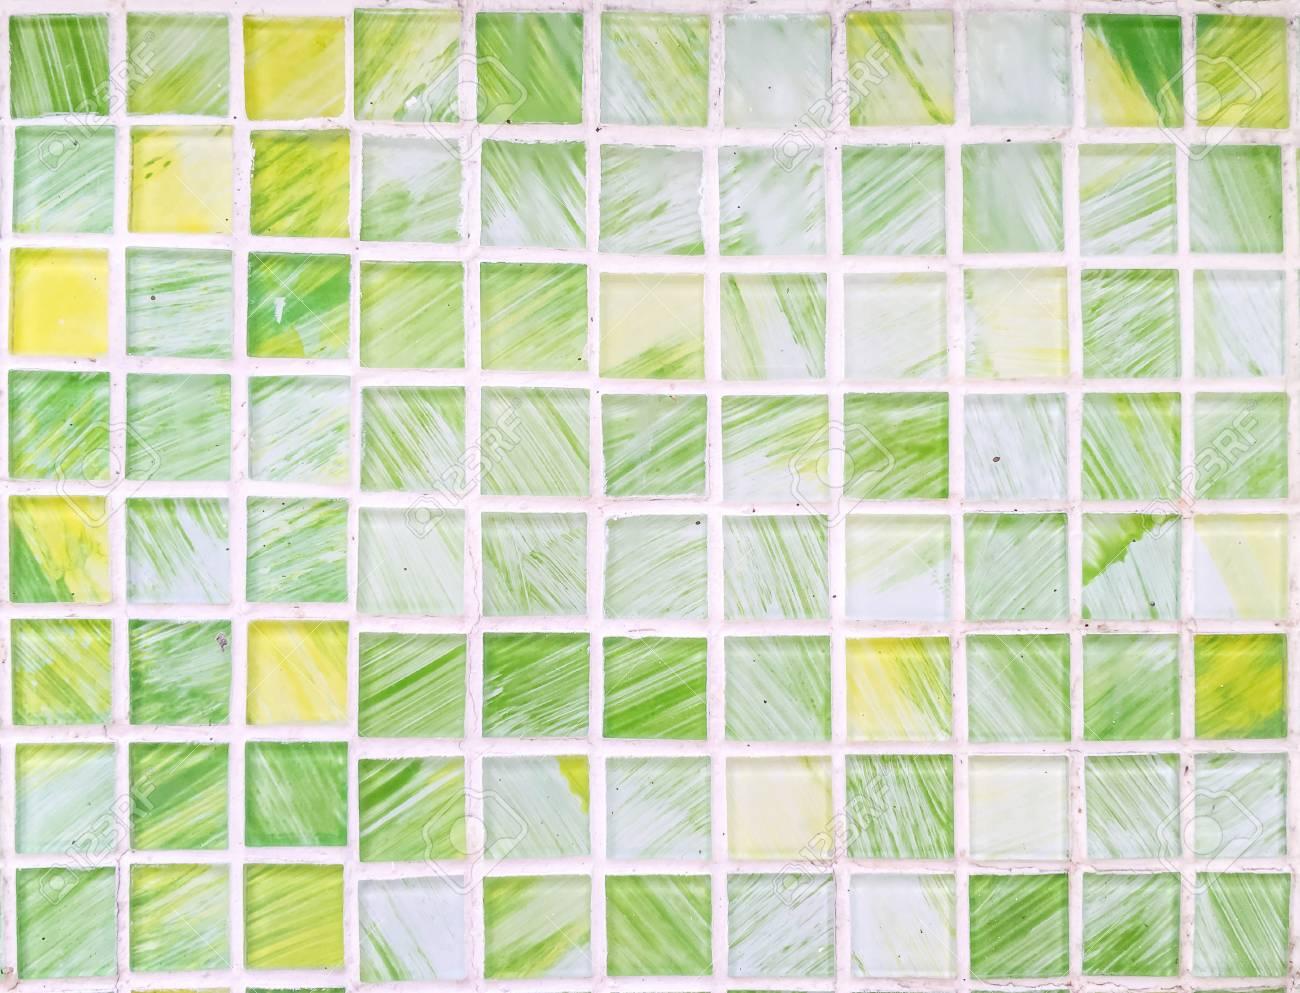 Modèle de brique surface agrandi à tuile verte et jaune abstraite dans fond  texturé de mur de salle de bain